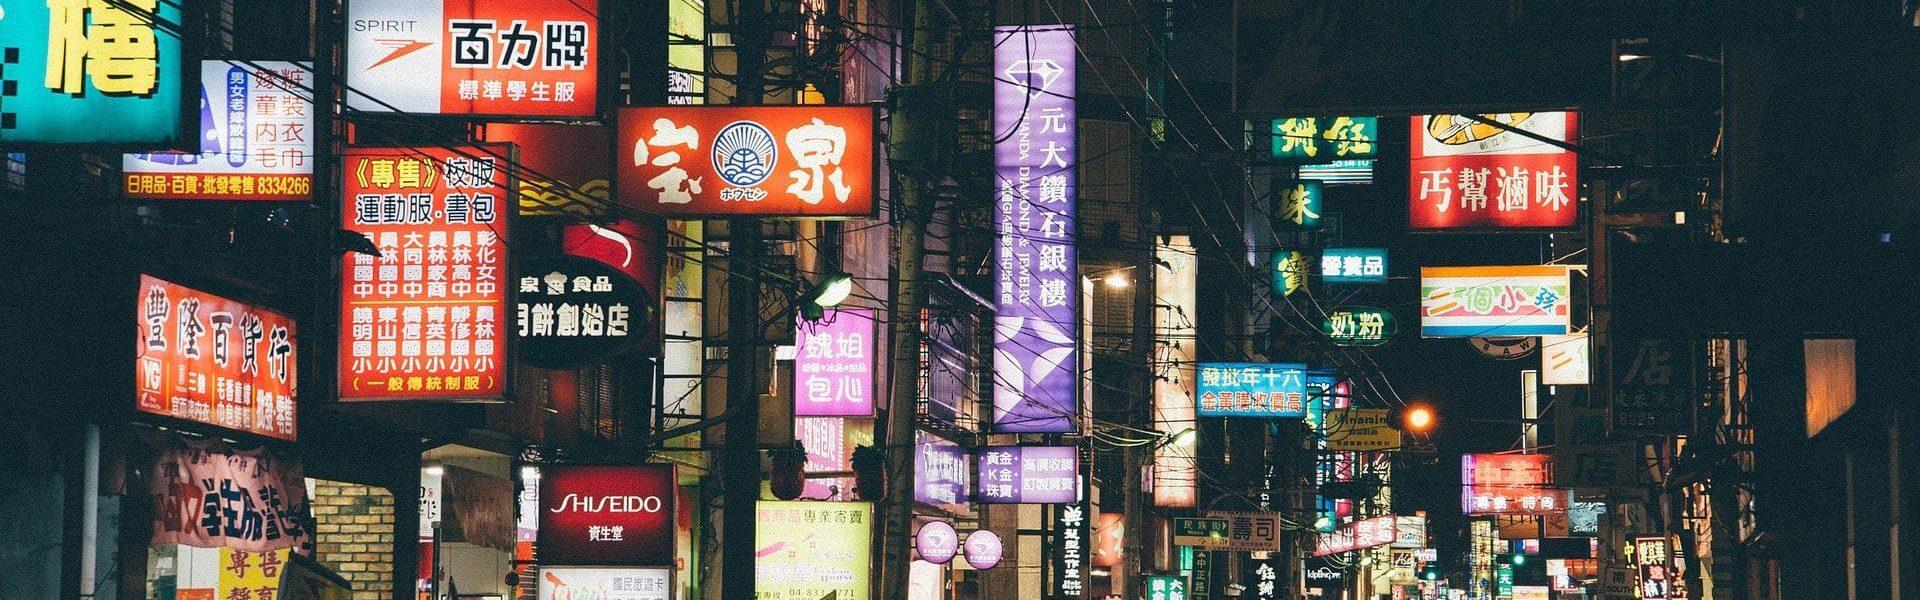 רחוב בסין, תמונה: pixabay